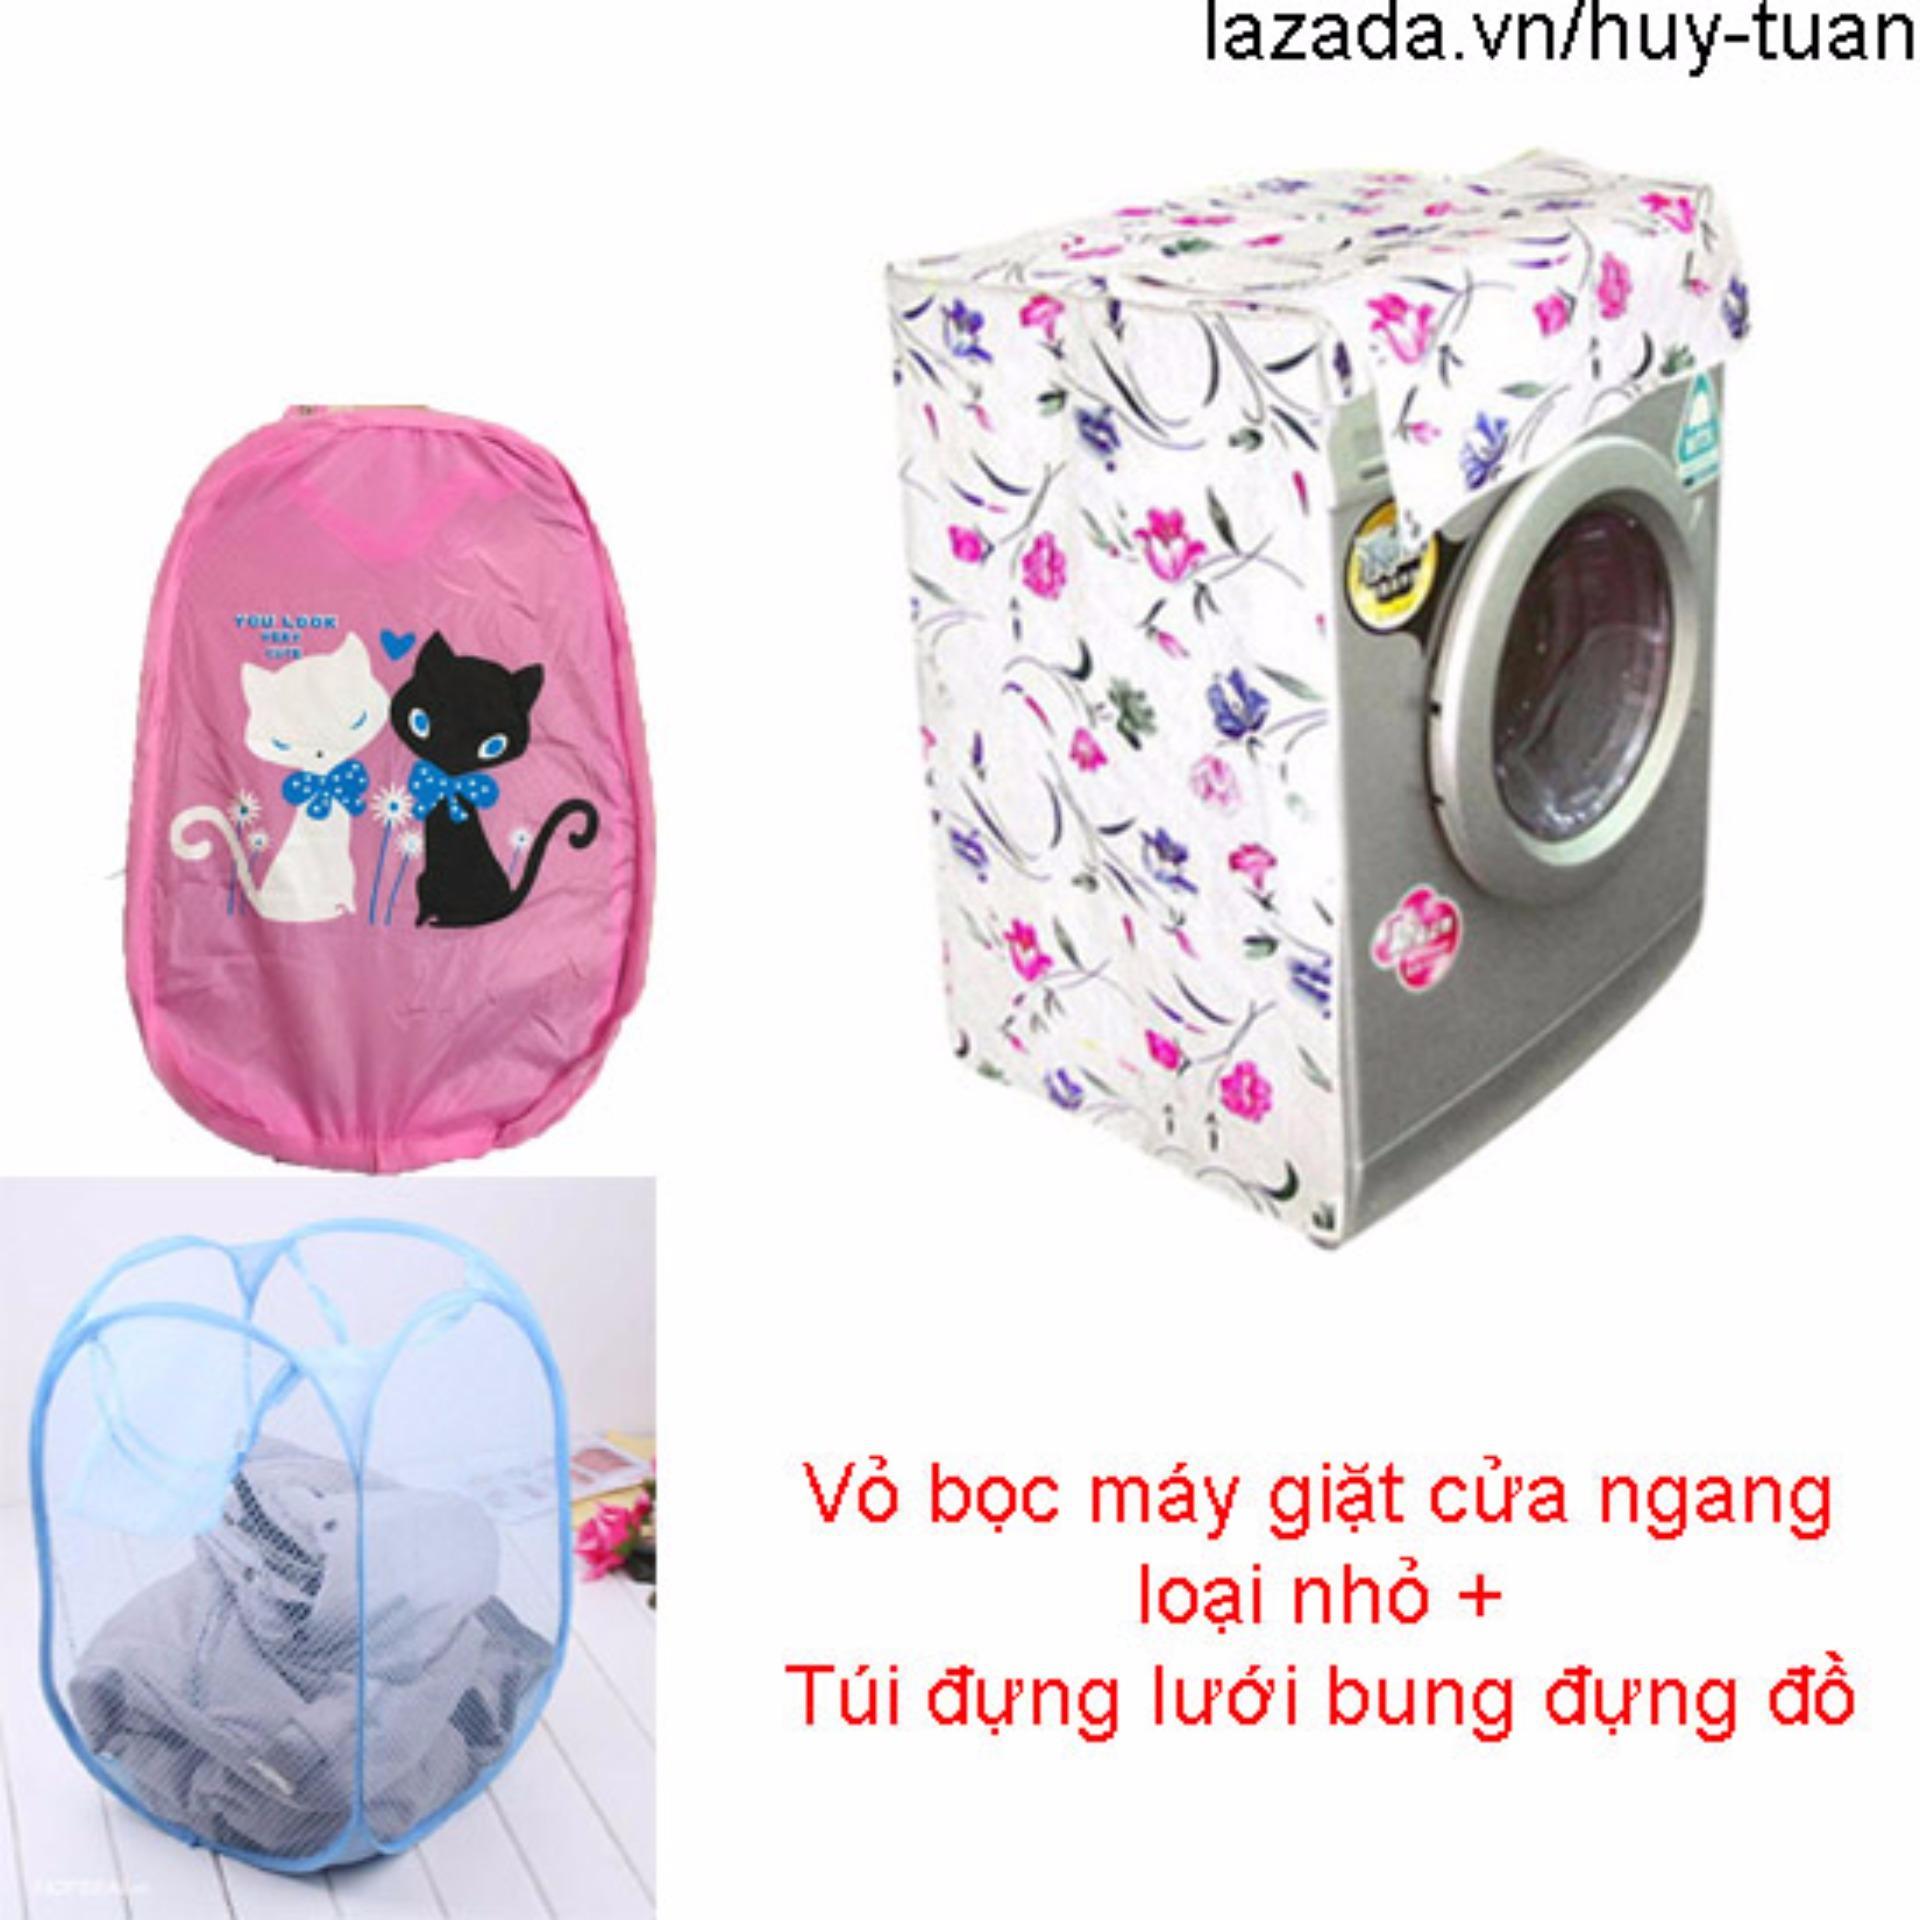 Vỏ bọc máy giặt cửa ngang cỡ nhỏ ( màu ngẫu nhiên ) + túi lưới bung ( Hồng )